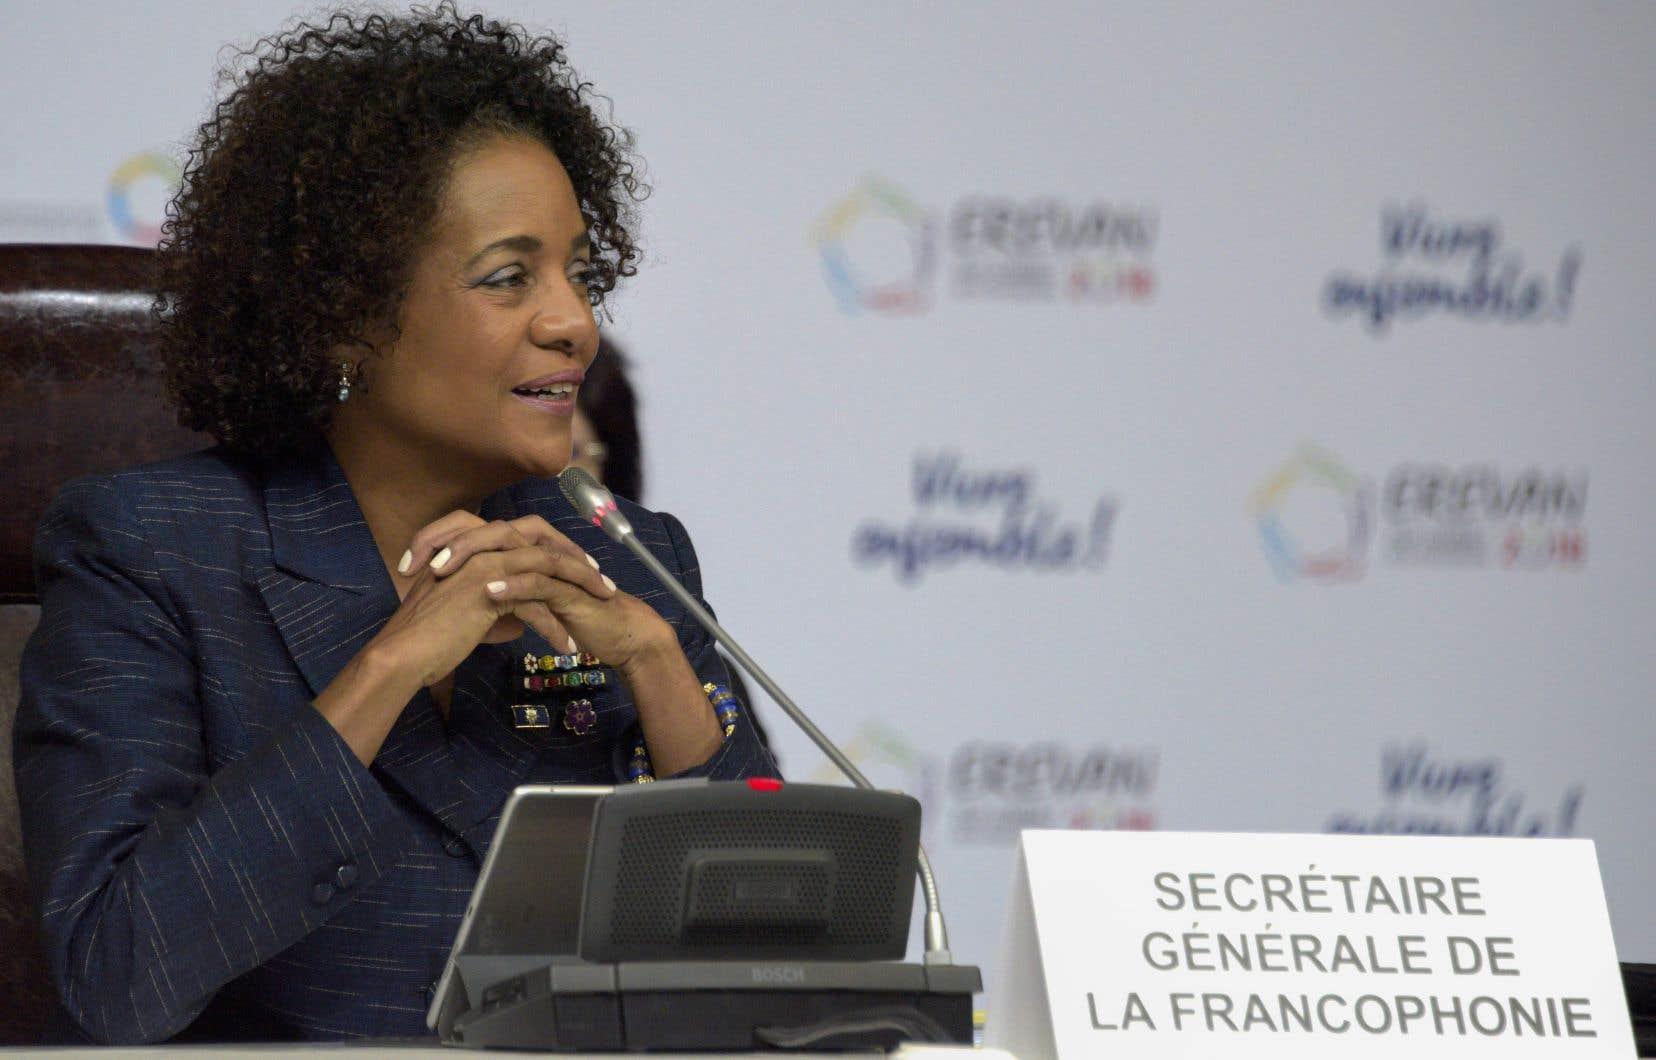 La présidente sortante de l'Organisation internationale de la Francophonie espérait obtenir un deuxième mandat.